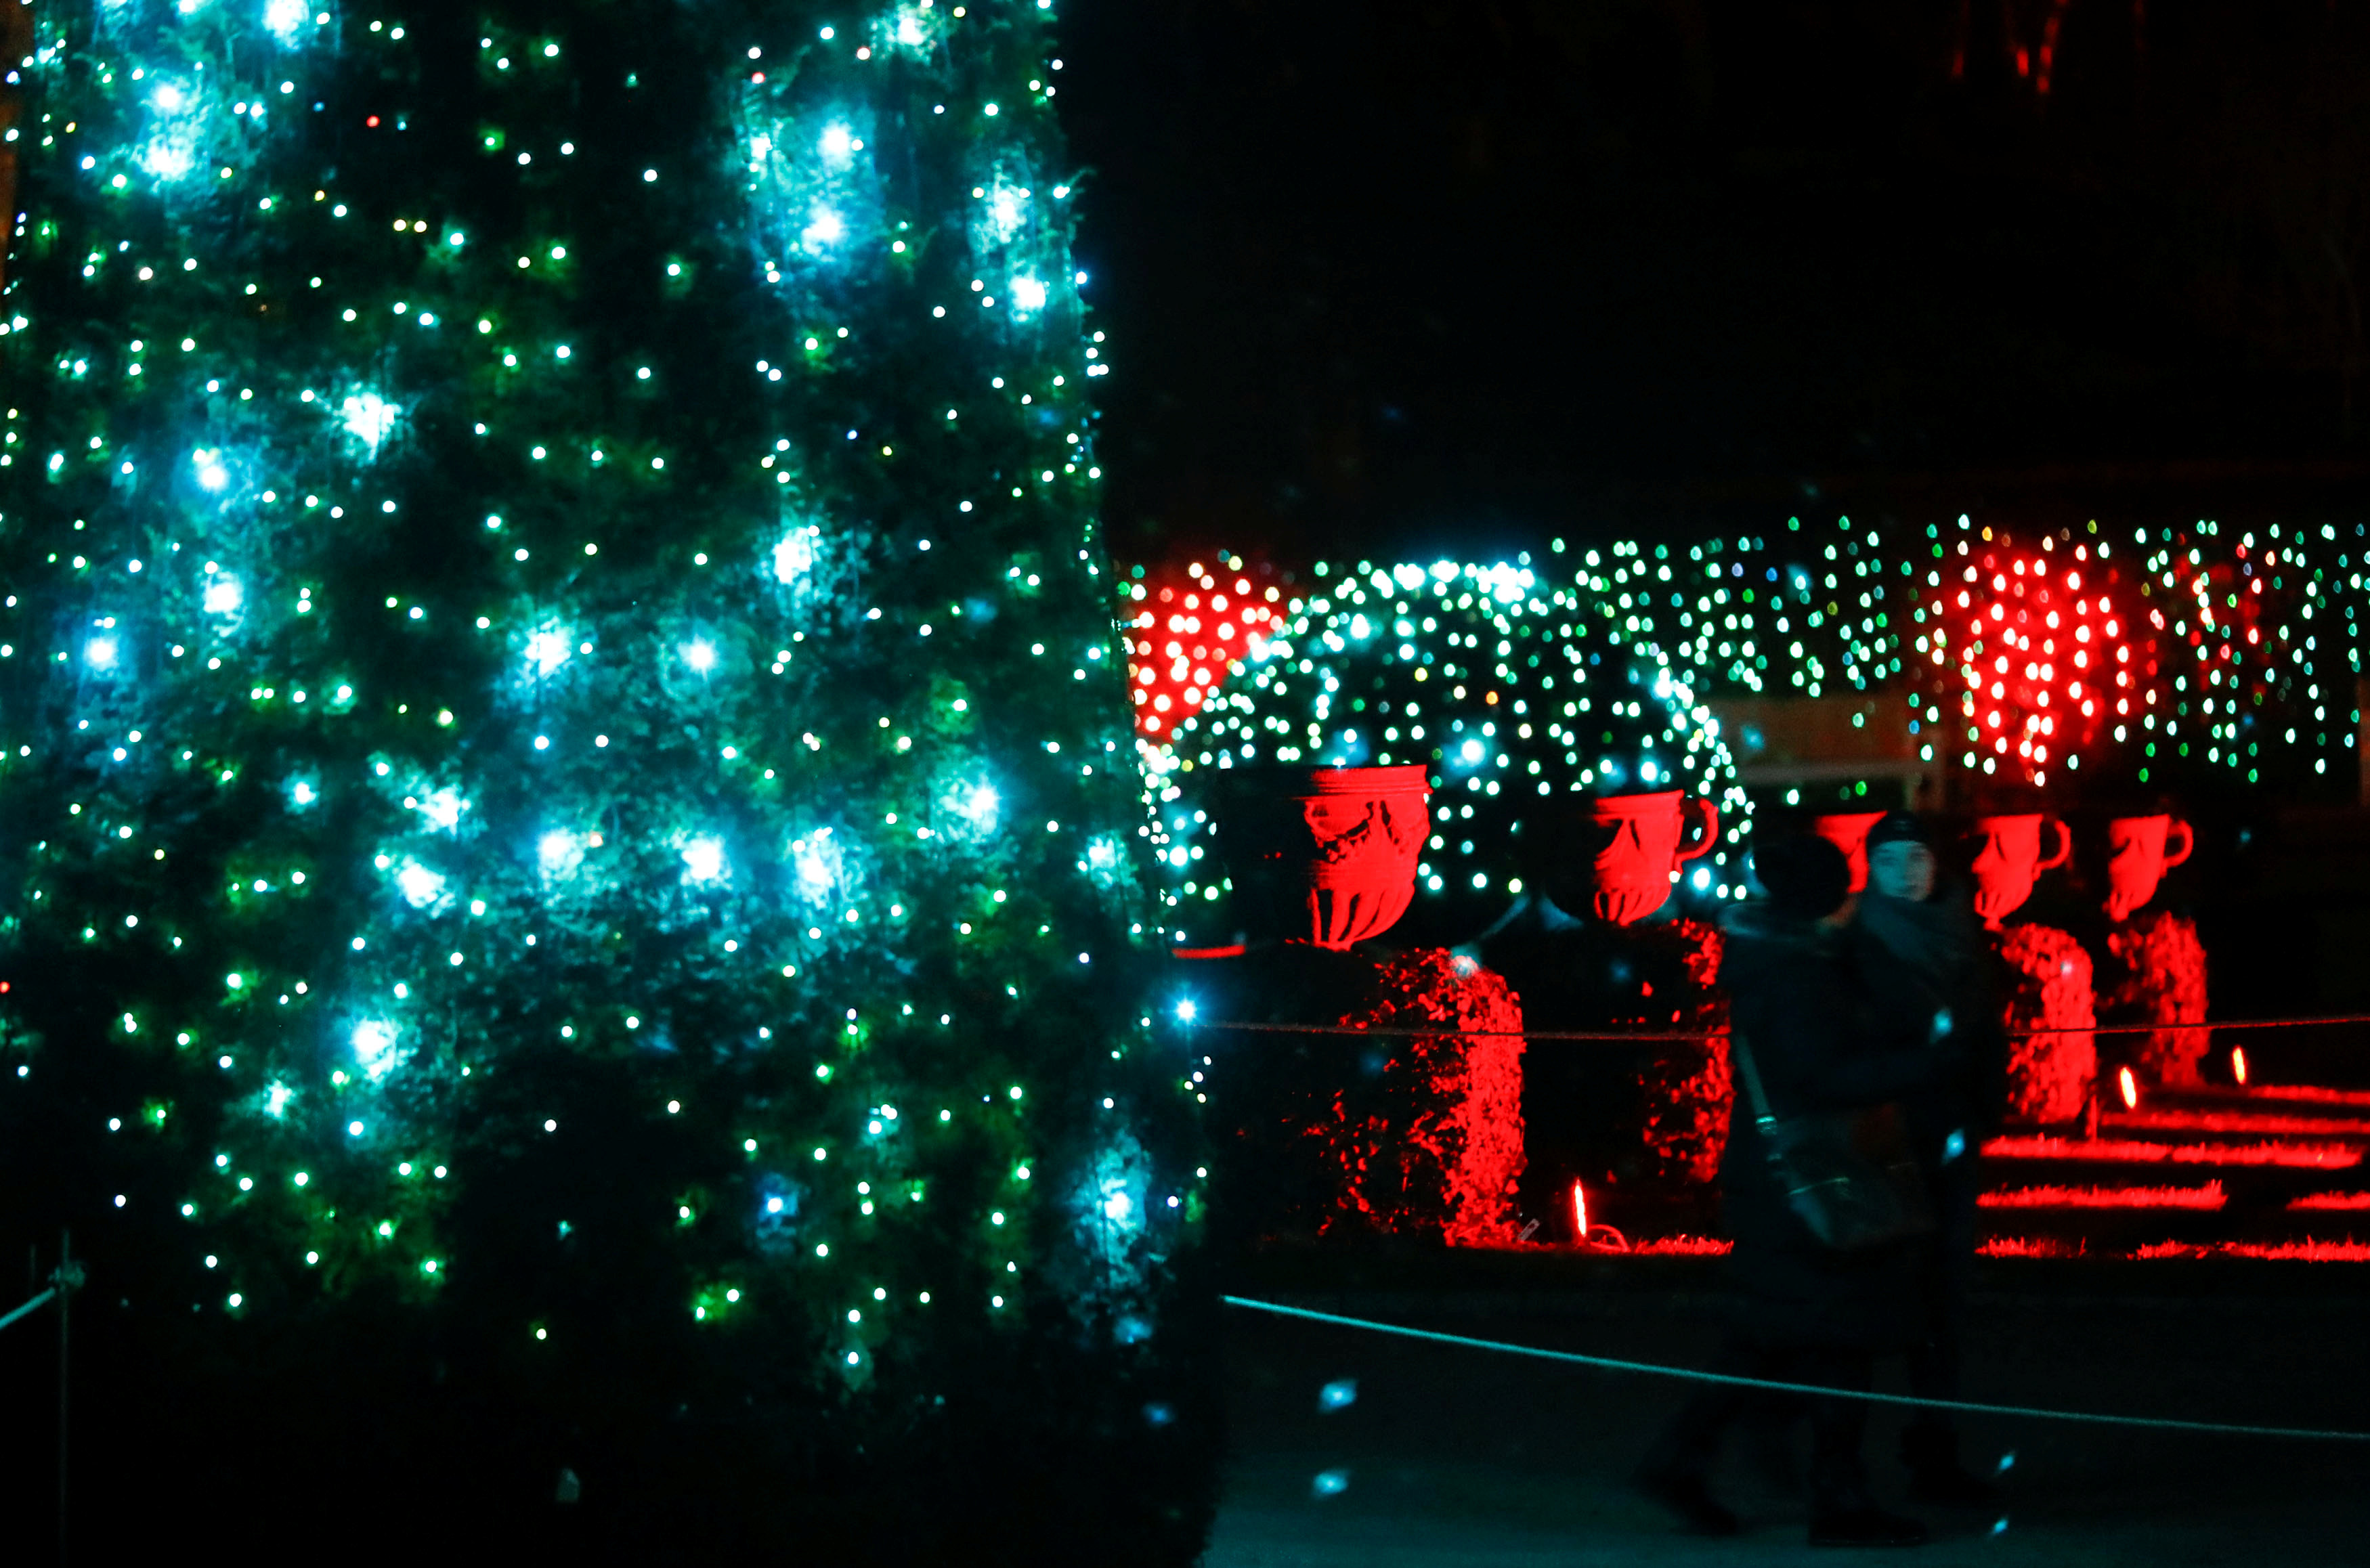 أشجار الكريسماس بشوارع برلين